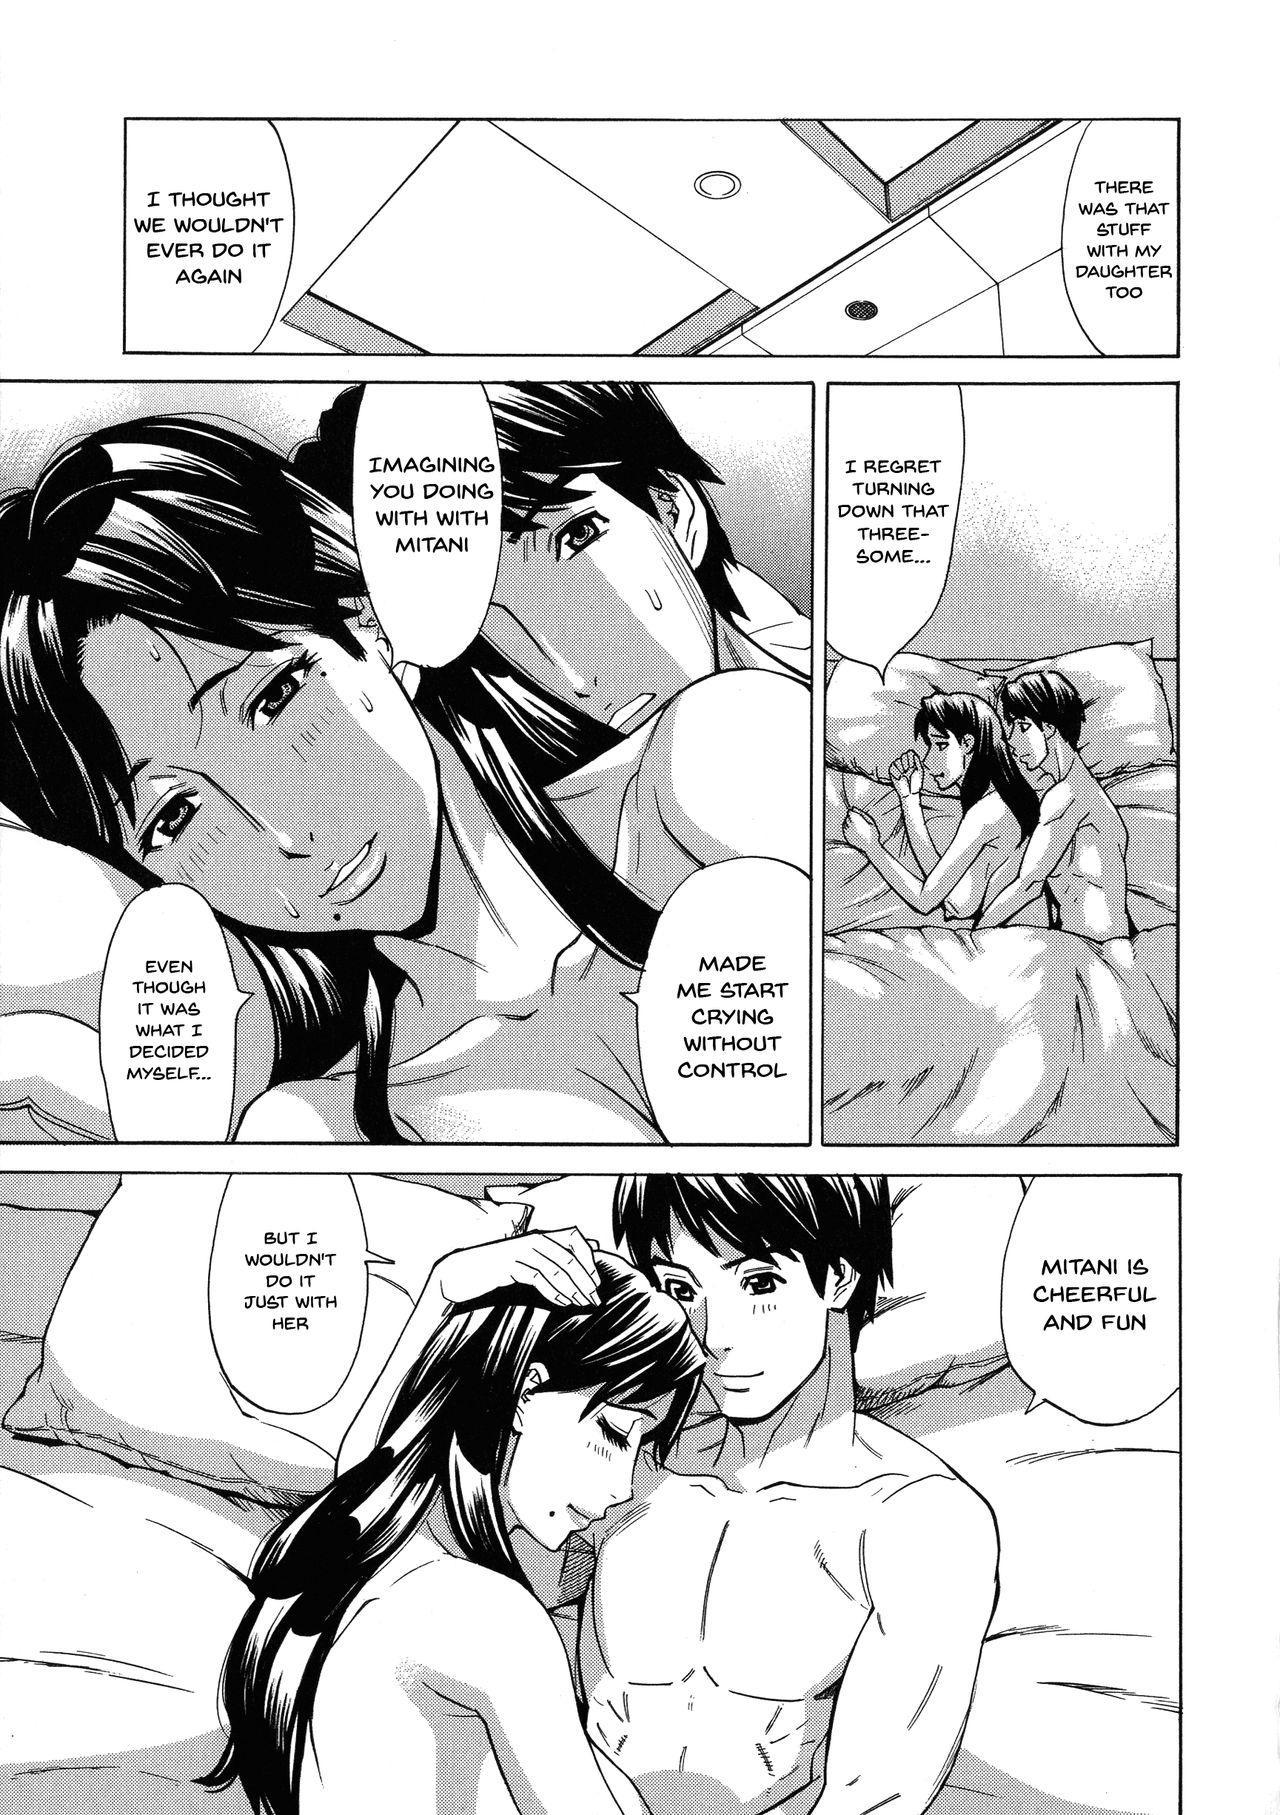 [Makibe Kataru] Hitozuma Koi Hanabi ~Hajimete no Furin ga 3P ni Itaru made~ Ch.1-9 [English] {Doujins.com} 98